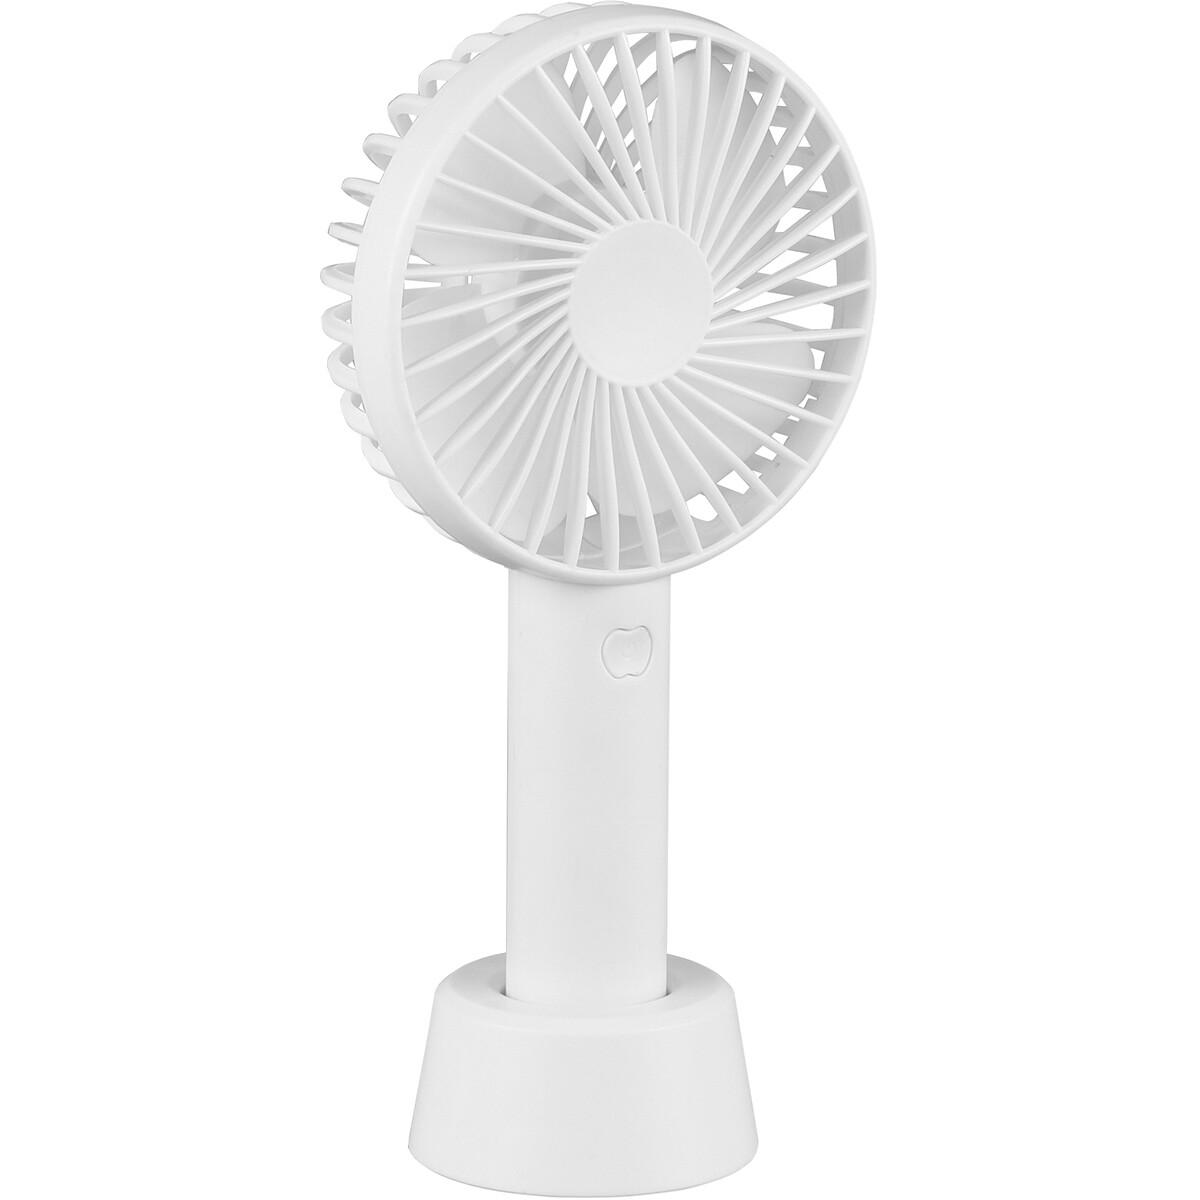 Ventilator met Water op Batterijen - Trion Wando - Mini Tafelventilator - USB Oplaadbaar - Rond - Ma